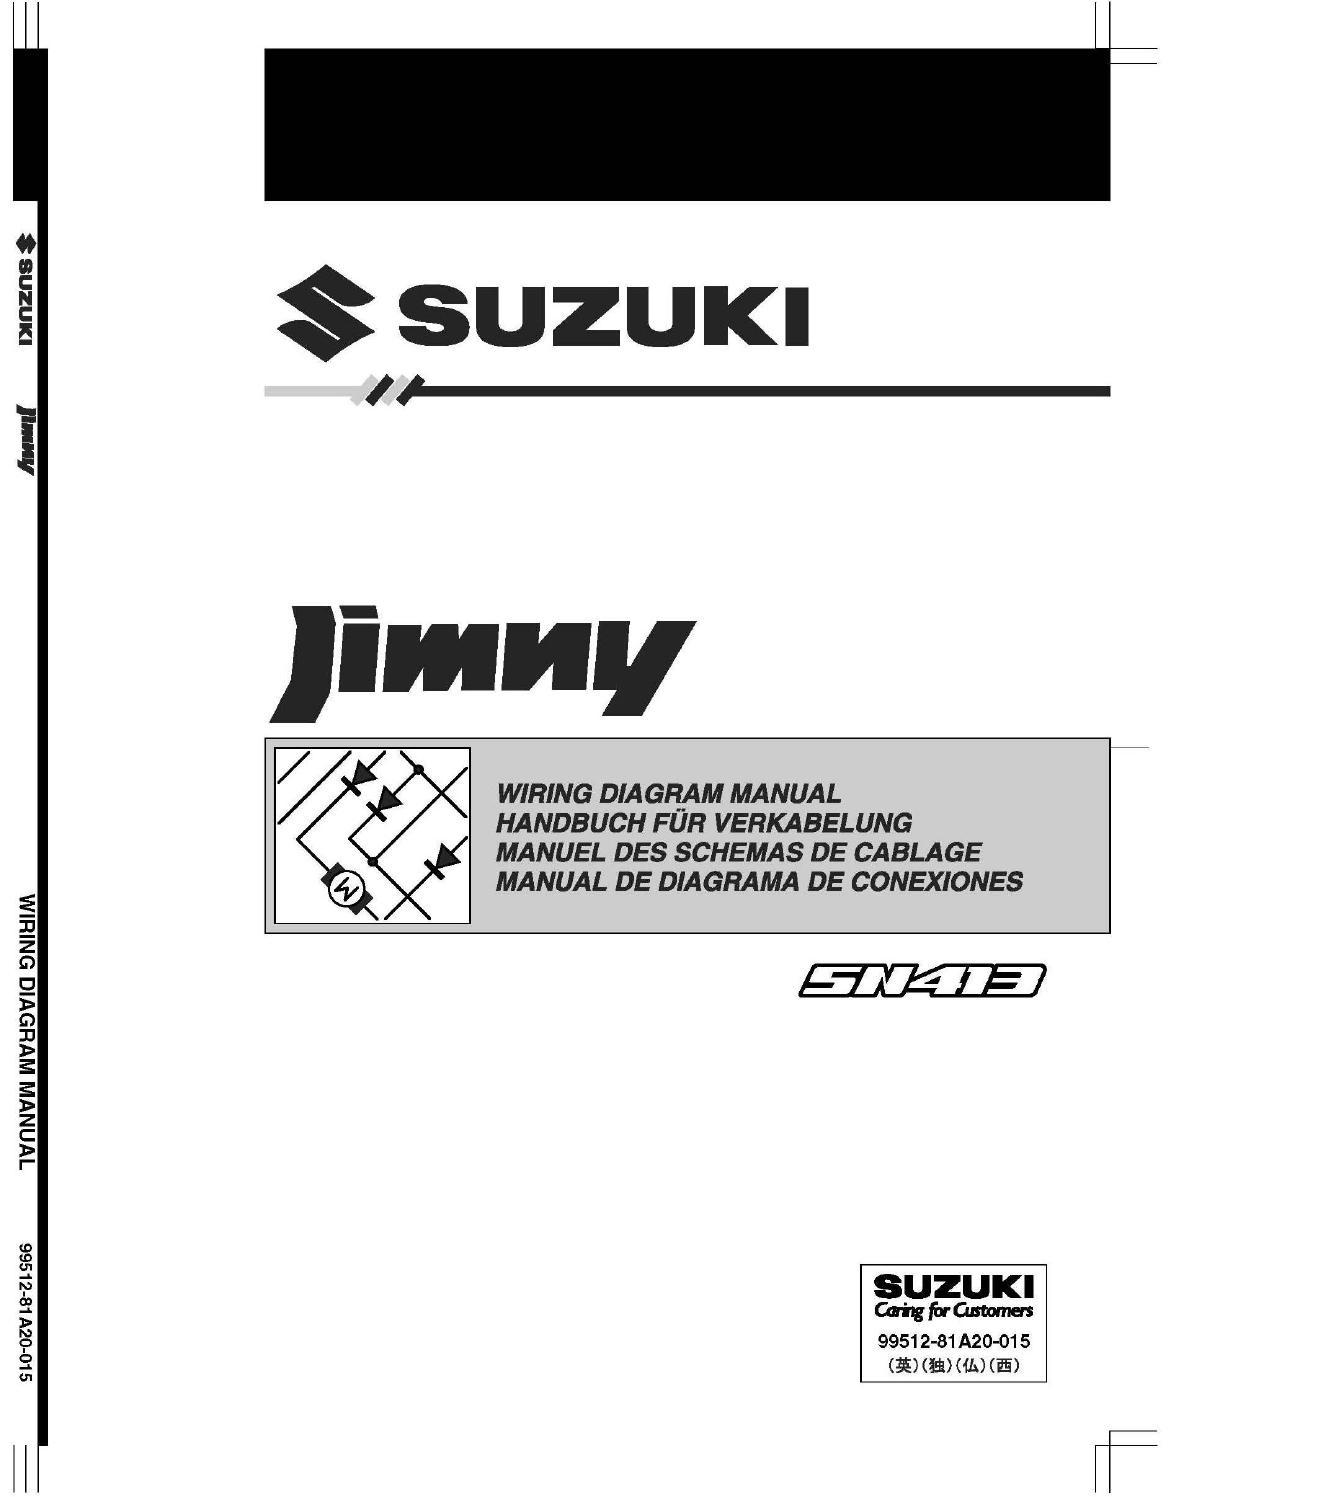 jimny wiringdiagrammanual 99512 81a20 015 by valdir soares